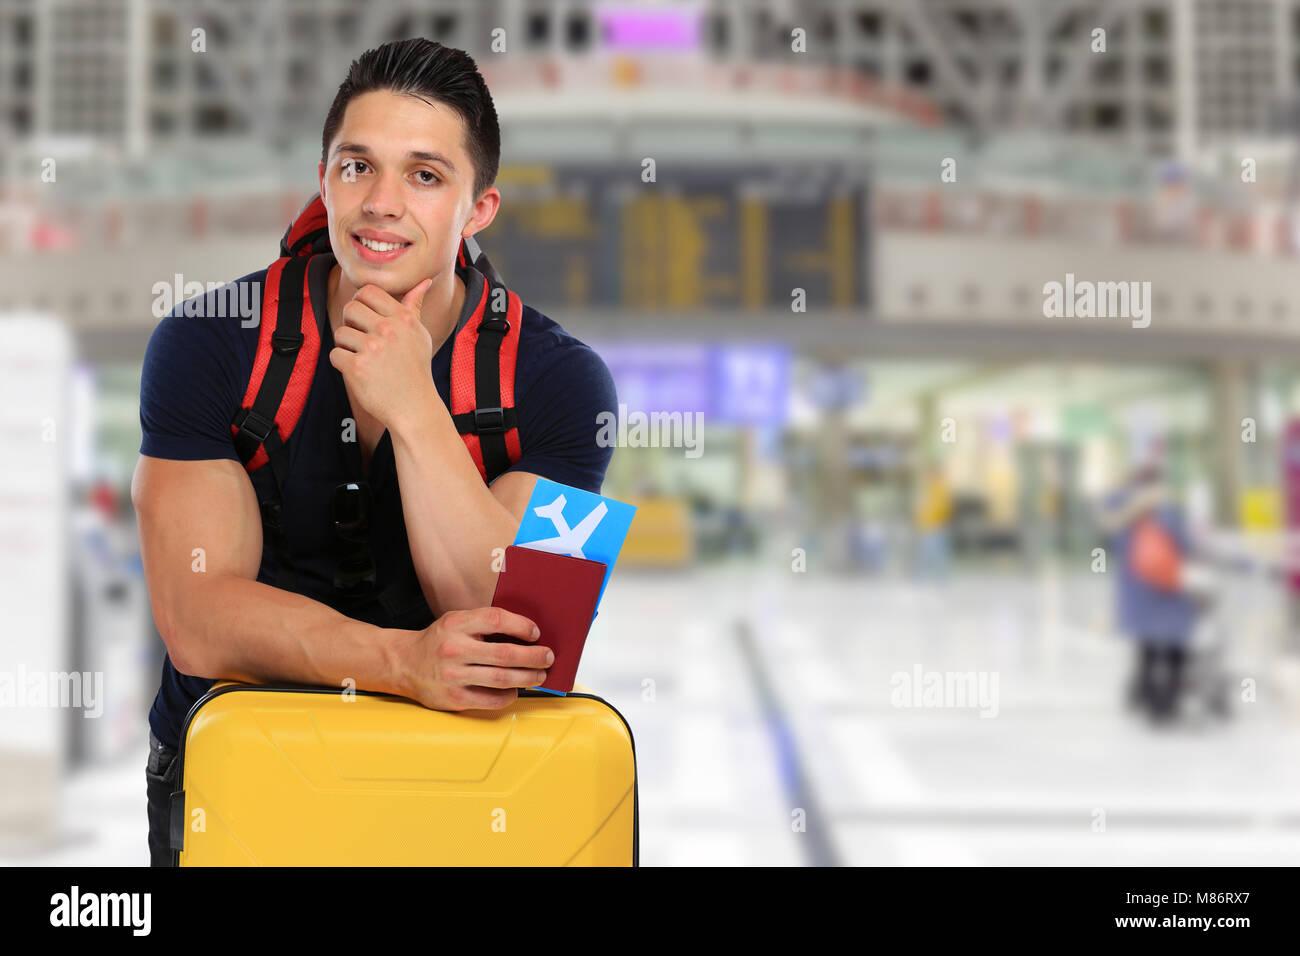 Jeune homme ticket vol aéroport vol voyage voyage assurance locations de vacances bagages enregistrés Photo Stock